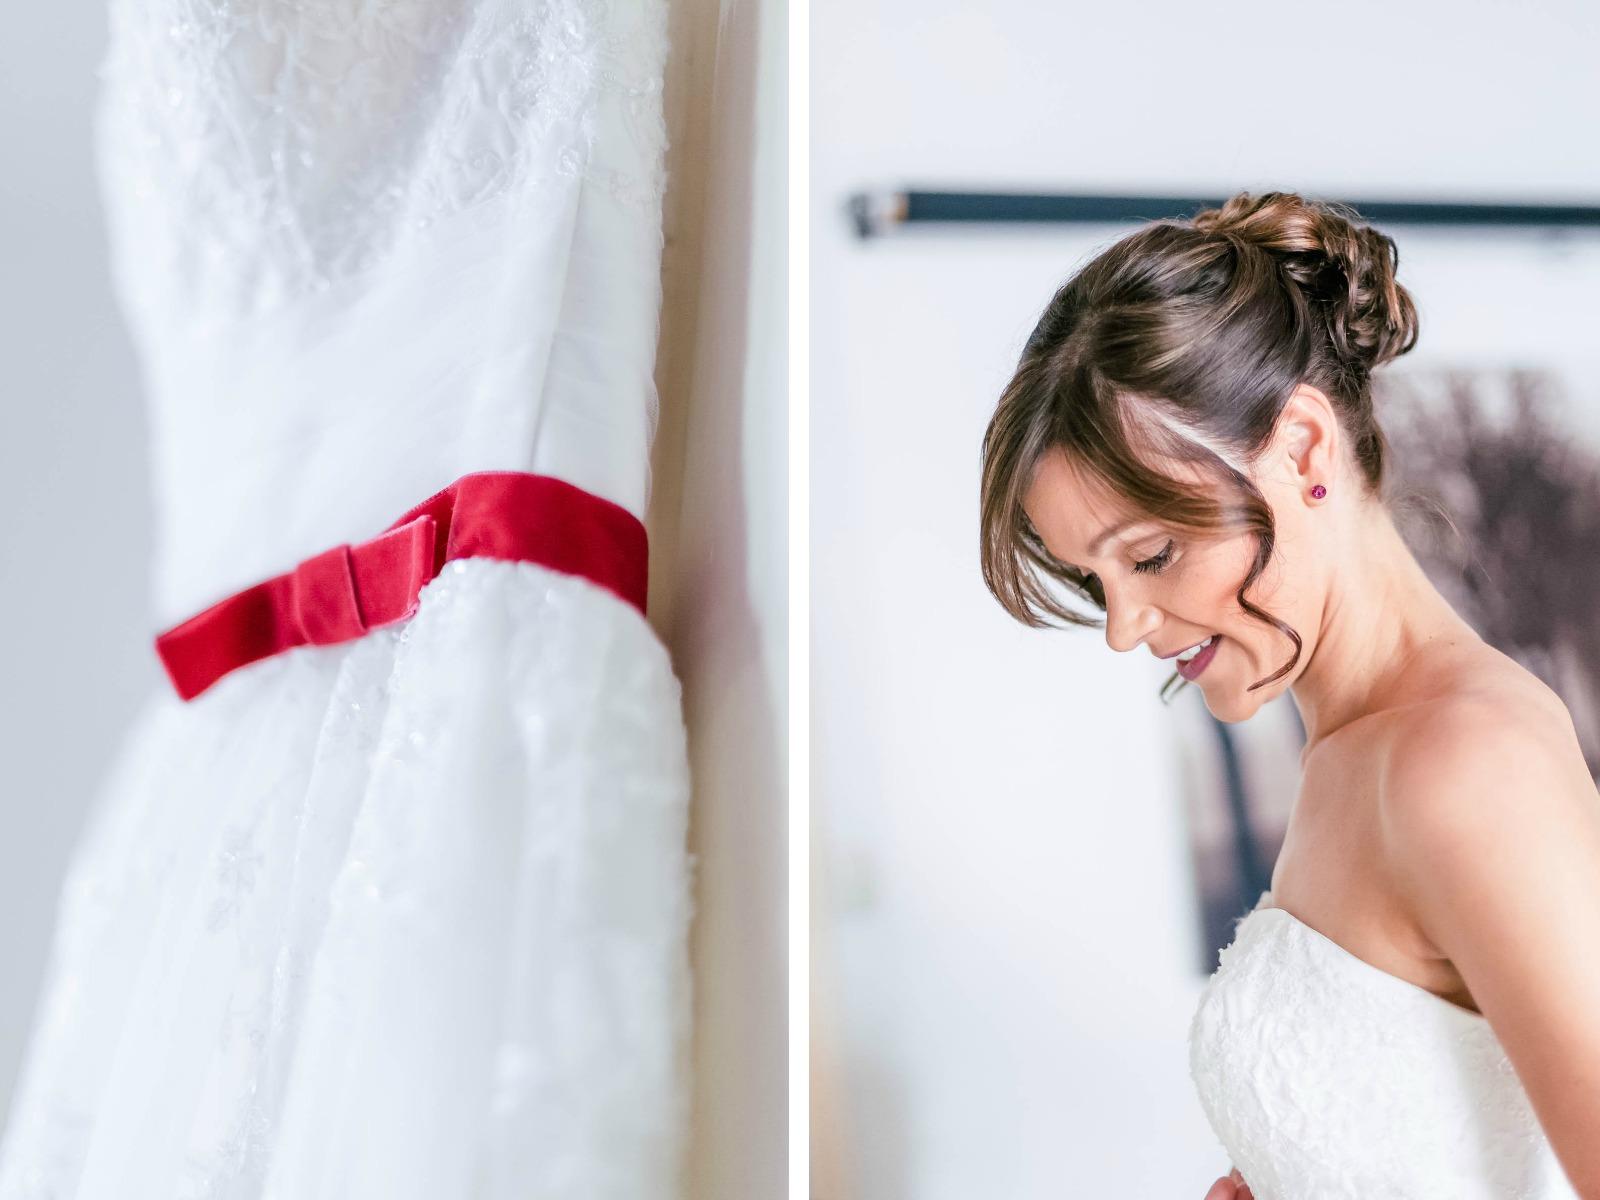 Monstergraphie_Hochzeitsreportage_Siegen-1.jpg?fit=1600%2C1200